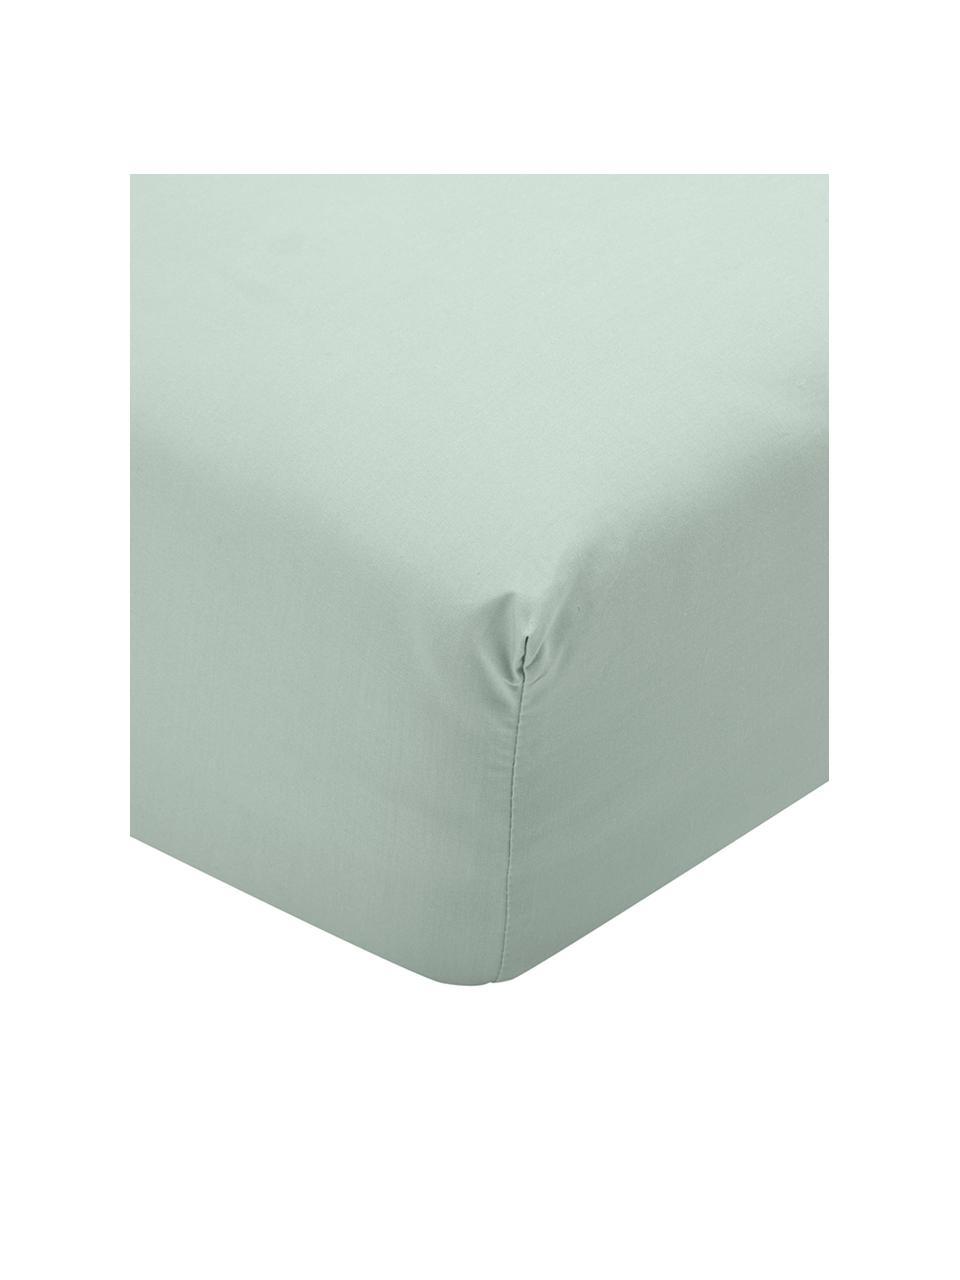 Prześcieradło z gumką z perkalu Elsie, Szałwiowy zielony, S 180 x D 200 cm